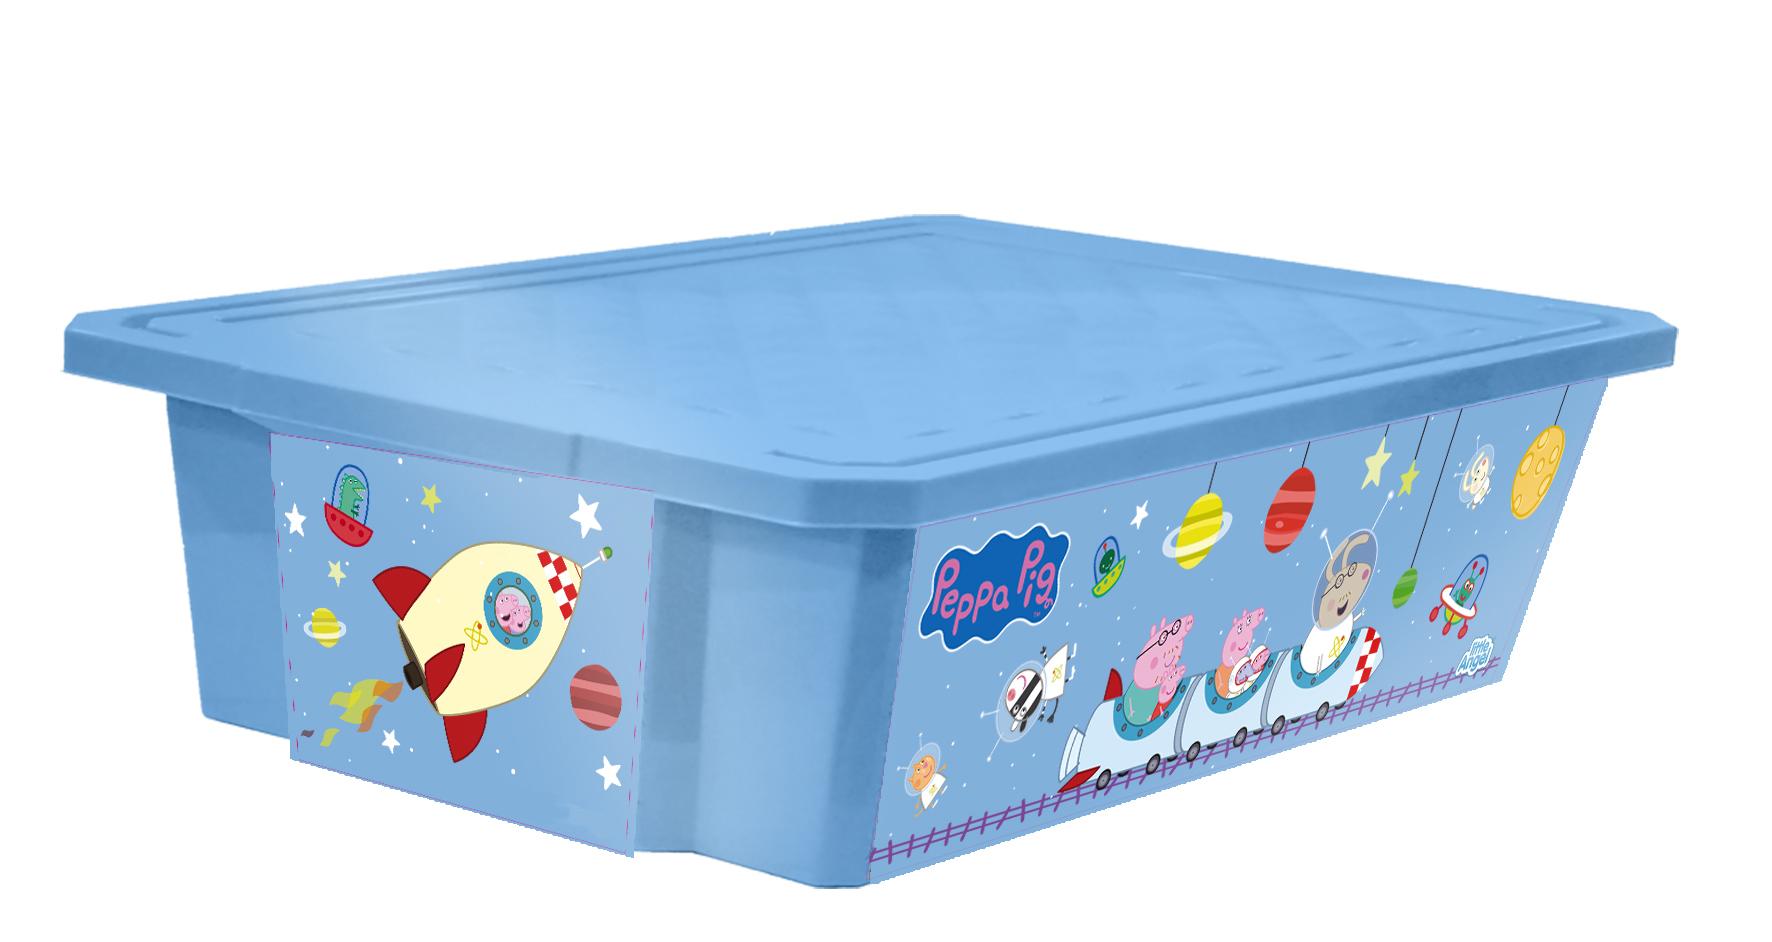 Ящик для хранения игрушек Little Angel Свинка Пеппа. X-BOX, цвет: голубой, 30 лLA0024РРГЛЛучшее решение для поддержания порядка в детской – это большой ящик на колесах. Все игрушки собраны в одном месте, ящик плотно закрывается крышкой, его всегда можно с легкостью переместить. Яркие декоры с любимыми героями наполнят детскую радостью и помогут приучить малыша к порядку. Преимущества: эксклюзивные декоры с любимыми героями; эффективные колеса-роллеры на дне; надежная крышка с привлекательной текстурой; возможность штабелирования ящиков друг на друга; декор размещен на всех сторонах ящика.